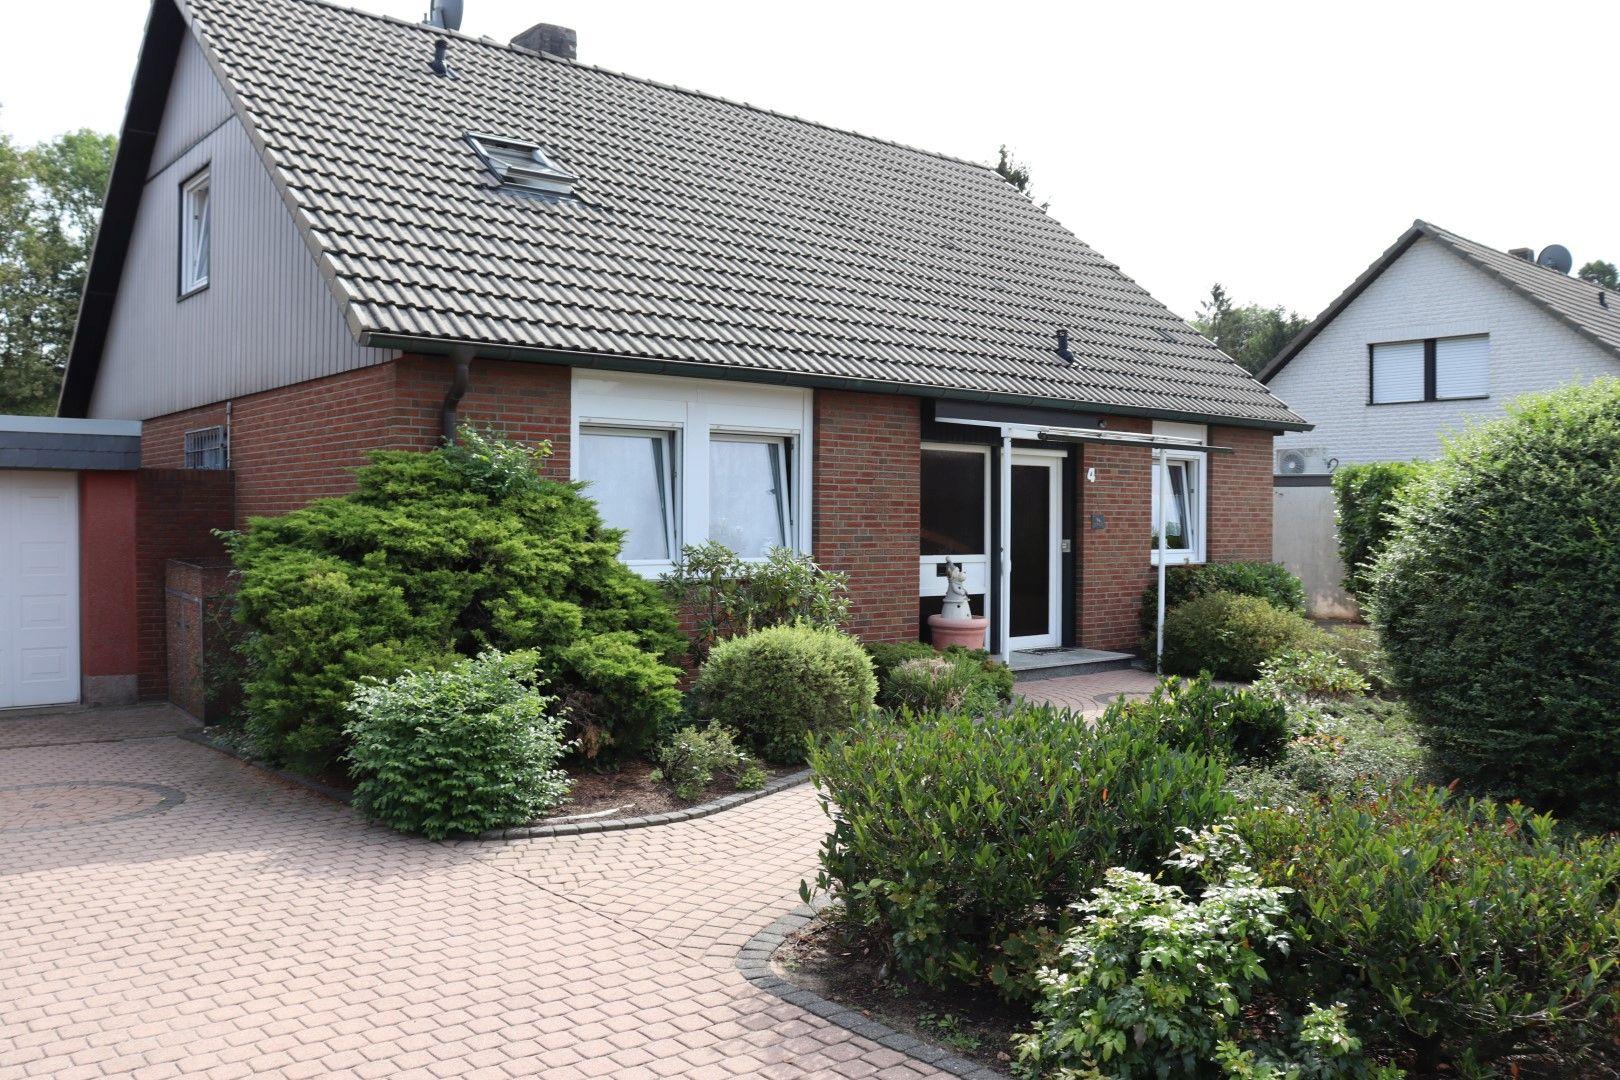 Immobilie Nr.0269 | An der Holzung 4, 40668 Meerbusch